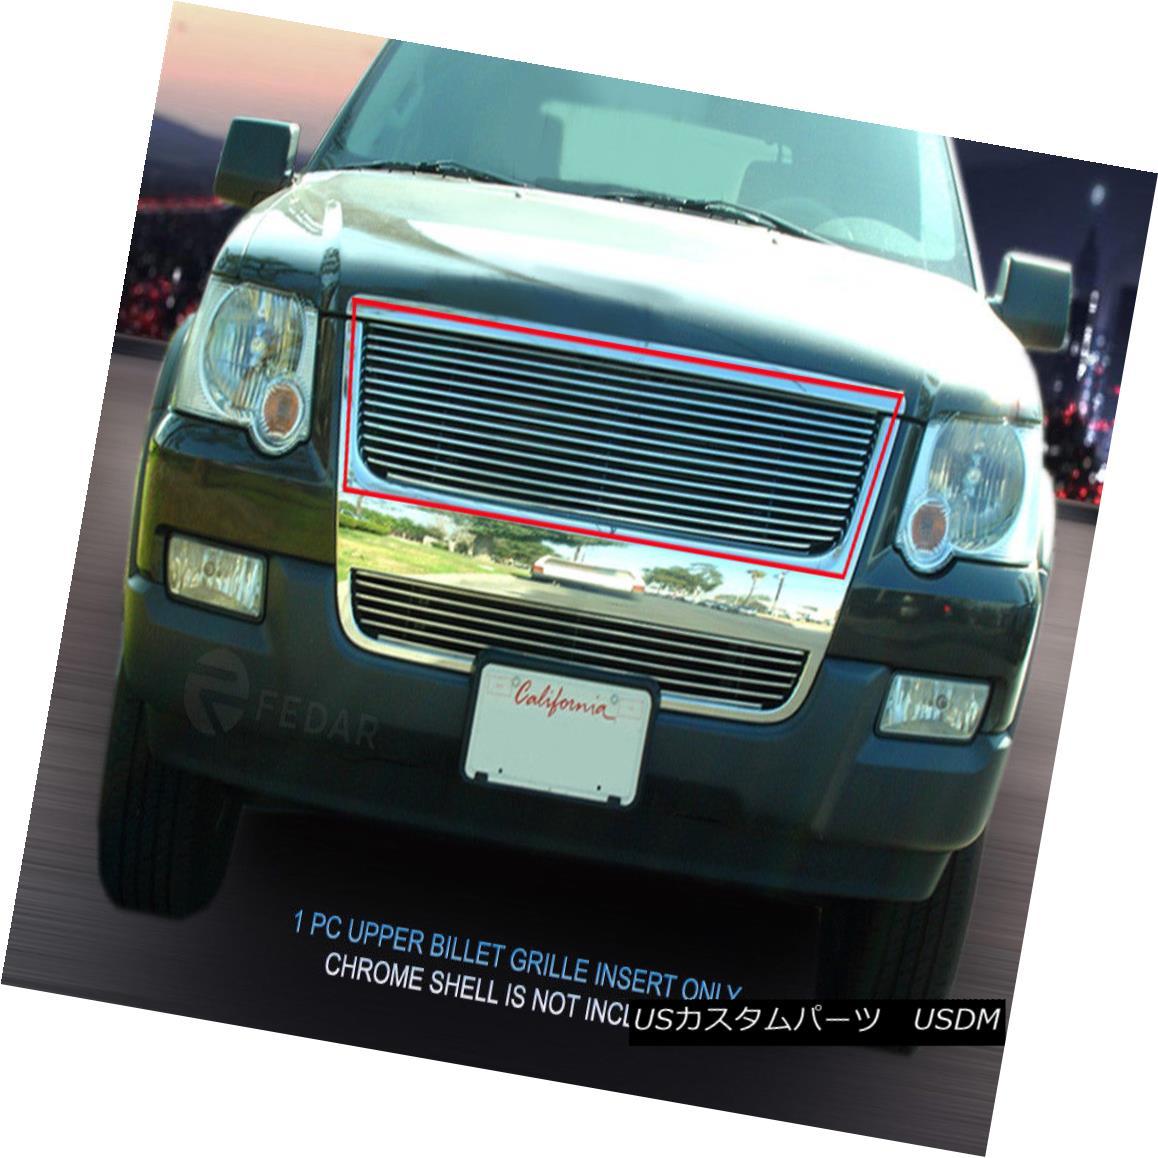 グリル For 2006-2007 Ford Explorer Black Billet Grille Grill Upper Insert Fedar 2006?2007年フォードエクスプローラーブラックビレットグリルグリルアッパーインサートフェルダー